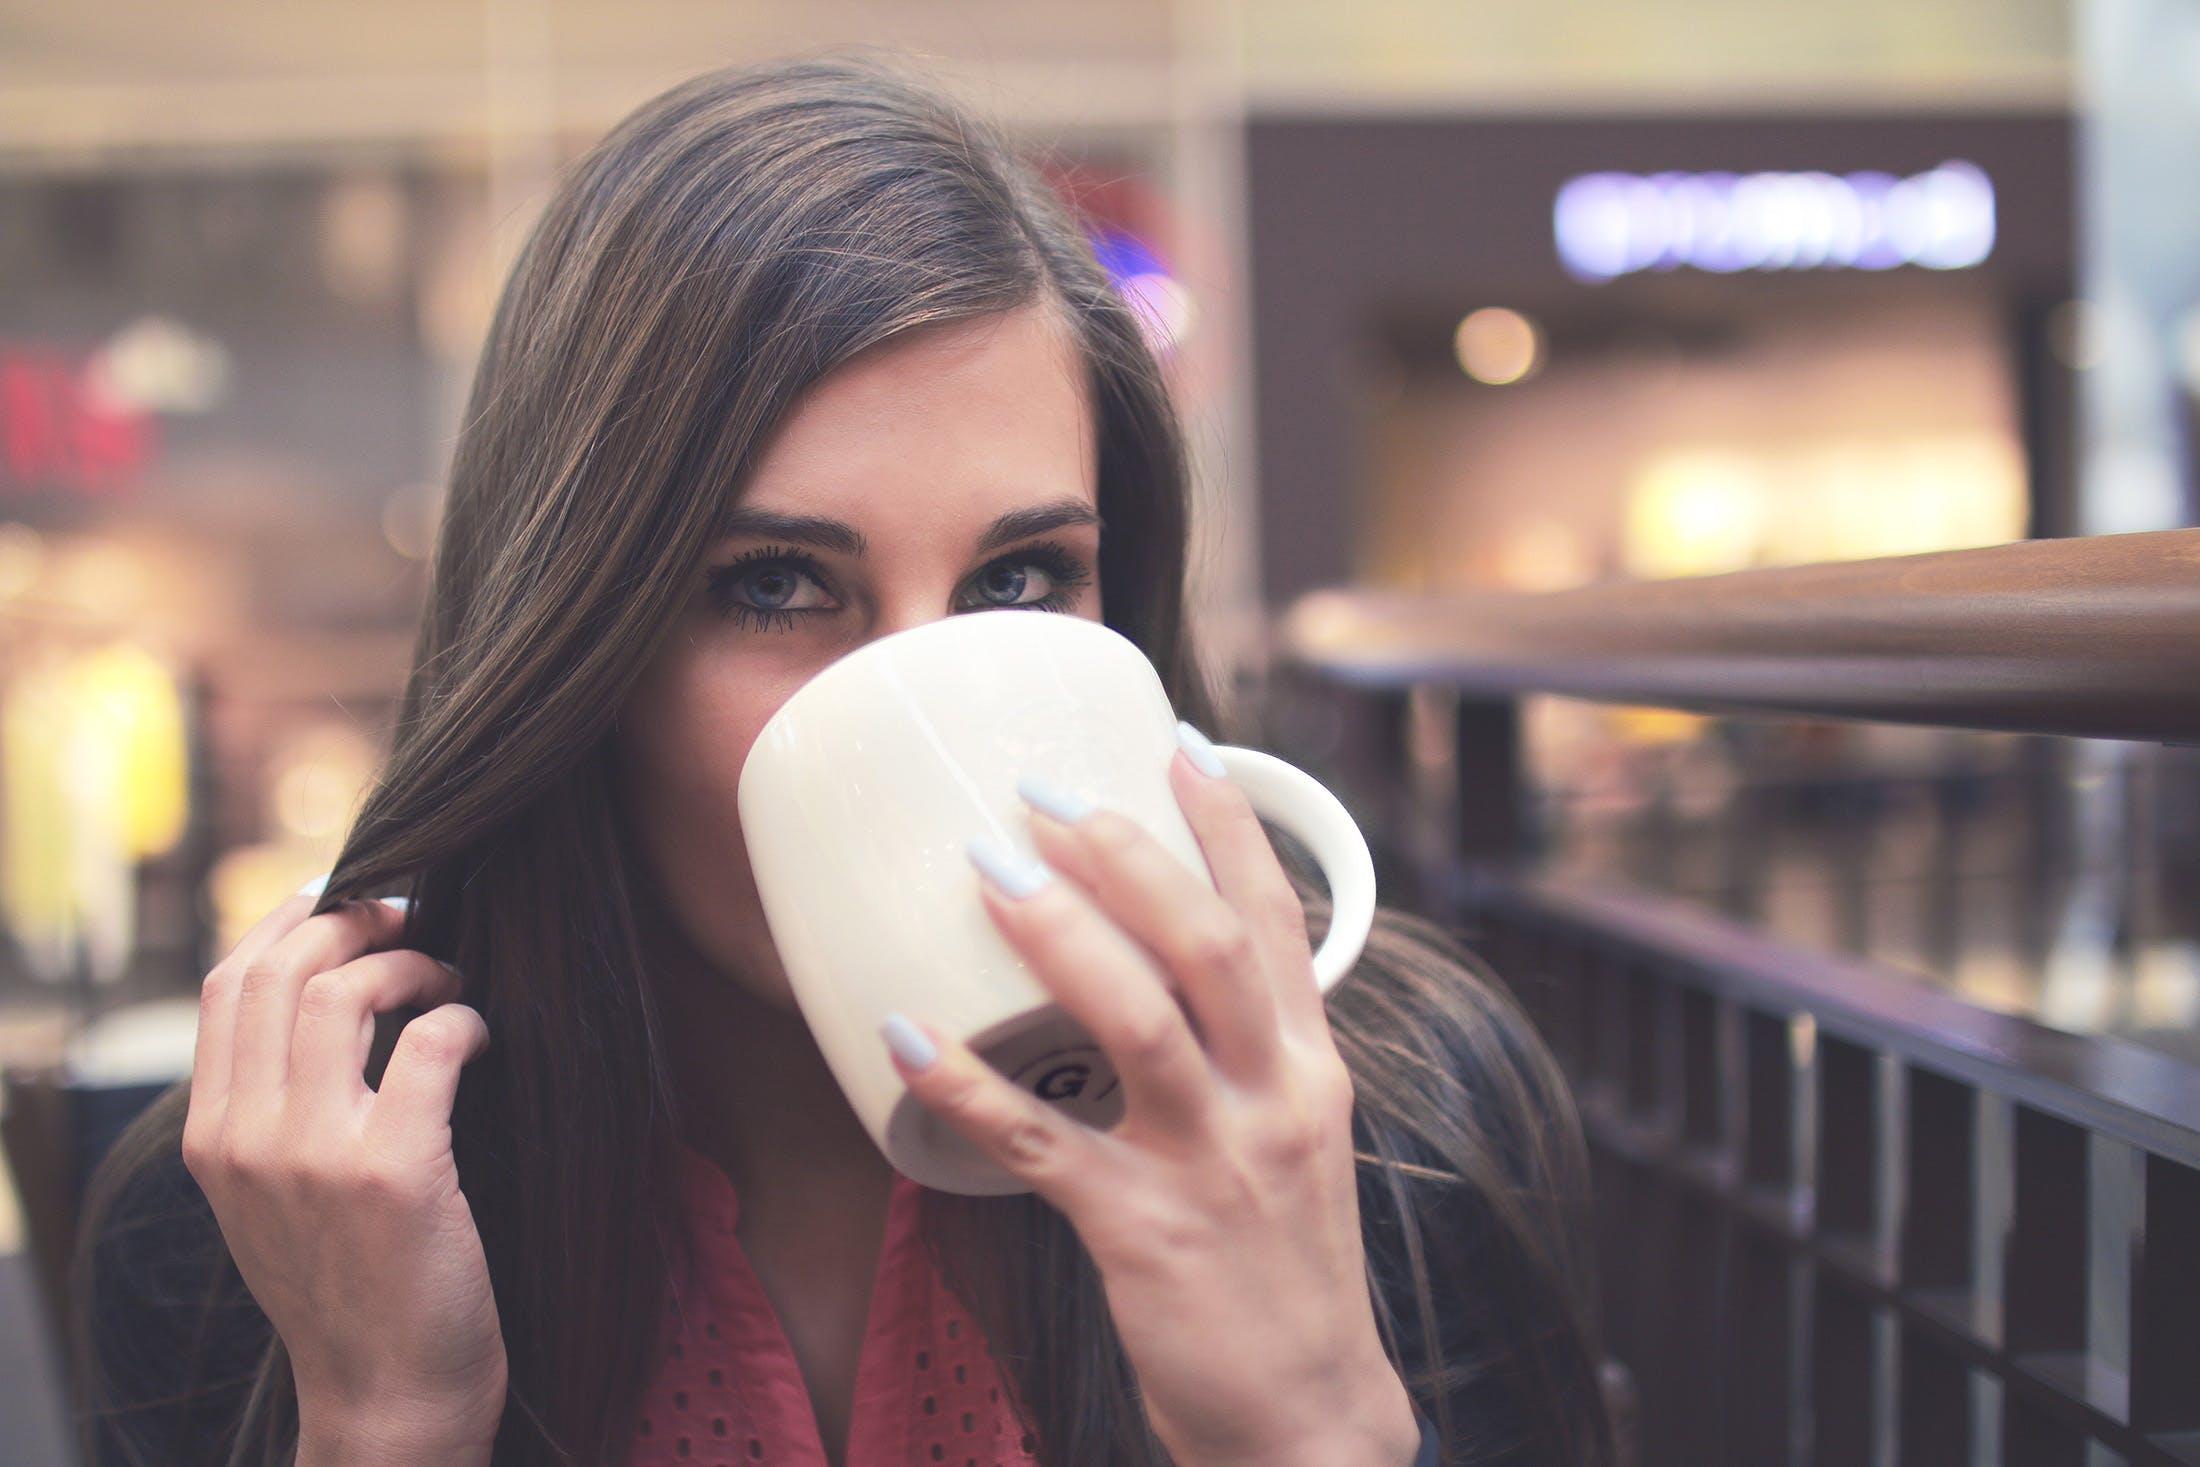 Woman in Black Mascara Drinking on White Ceramic Mug